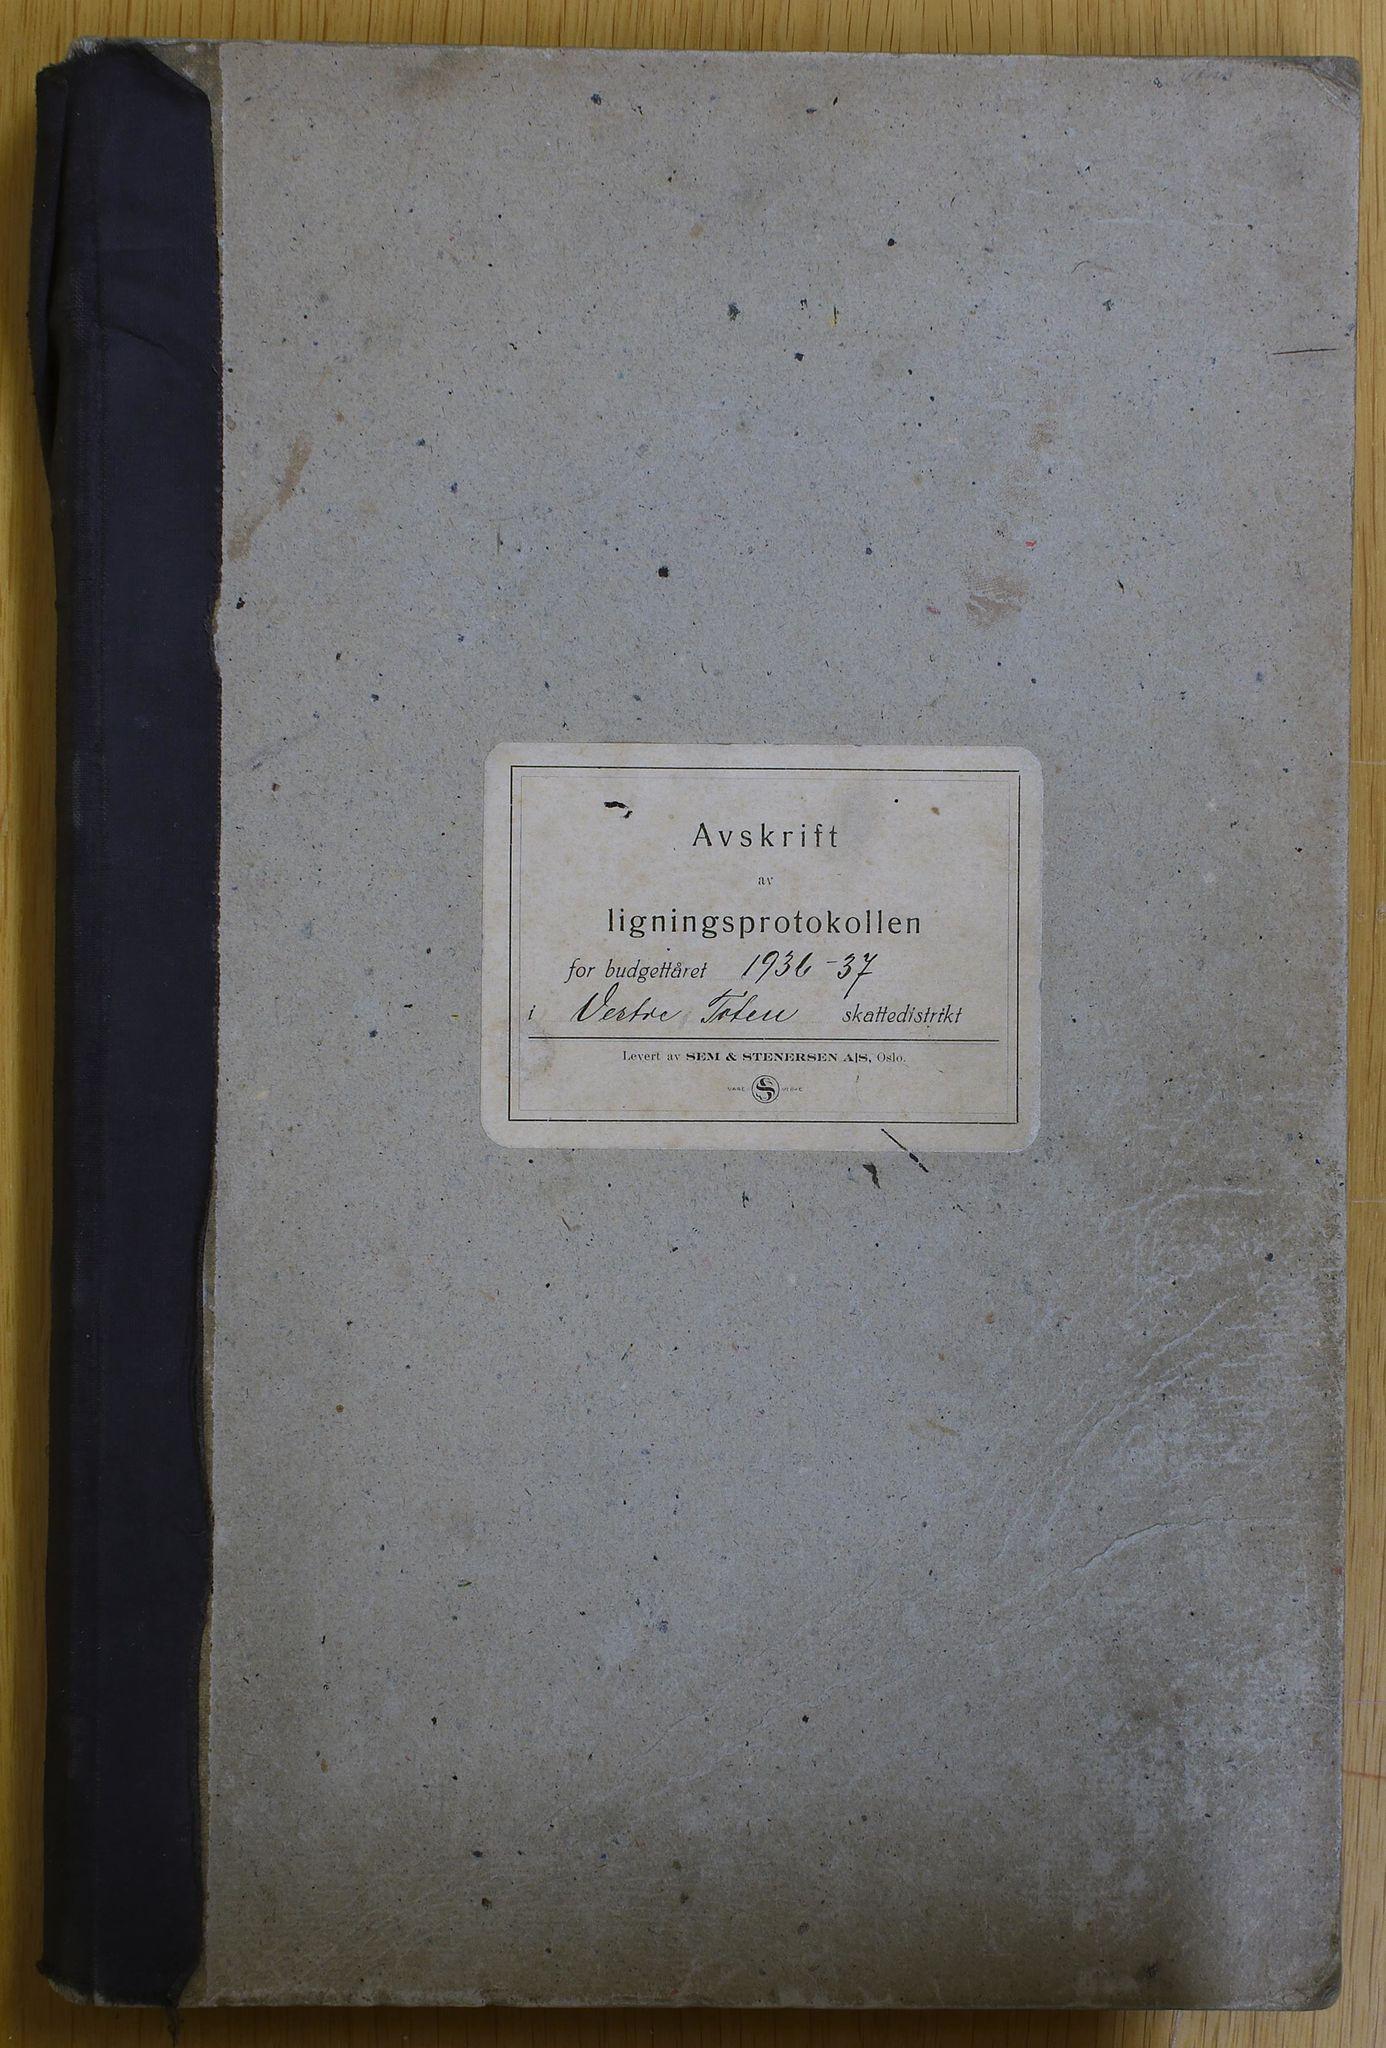 KVT, Vestre Toten kommunearkiv: Vestre Toten kommune, Avskrift av ligningsprotokollen for budsjettåret 1936-1937 i Vestre Toten skattedistrikt, 1936-1937